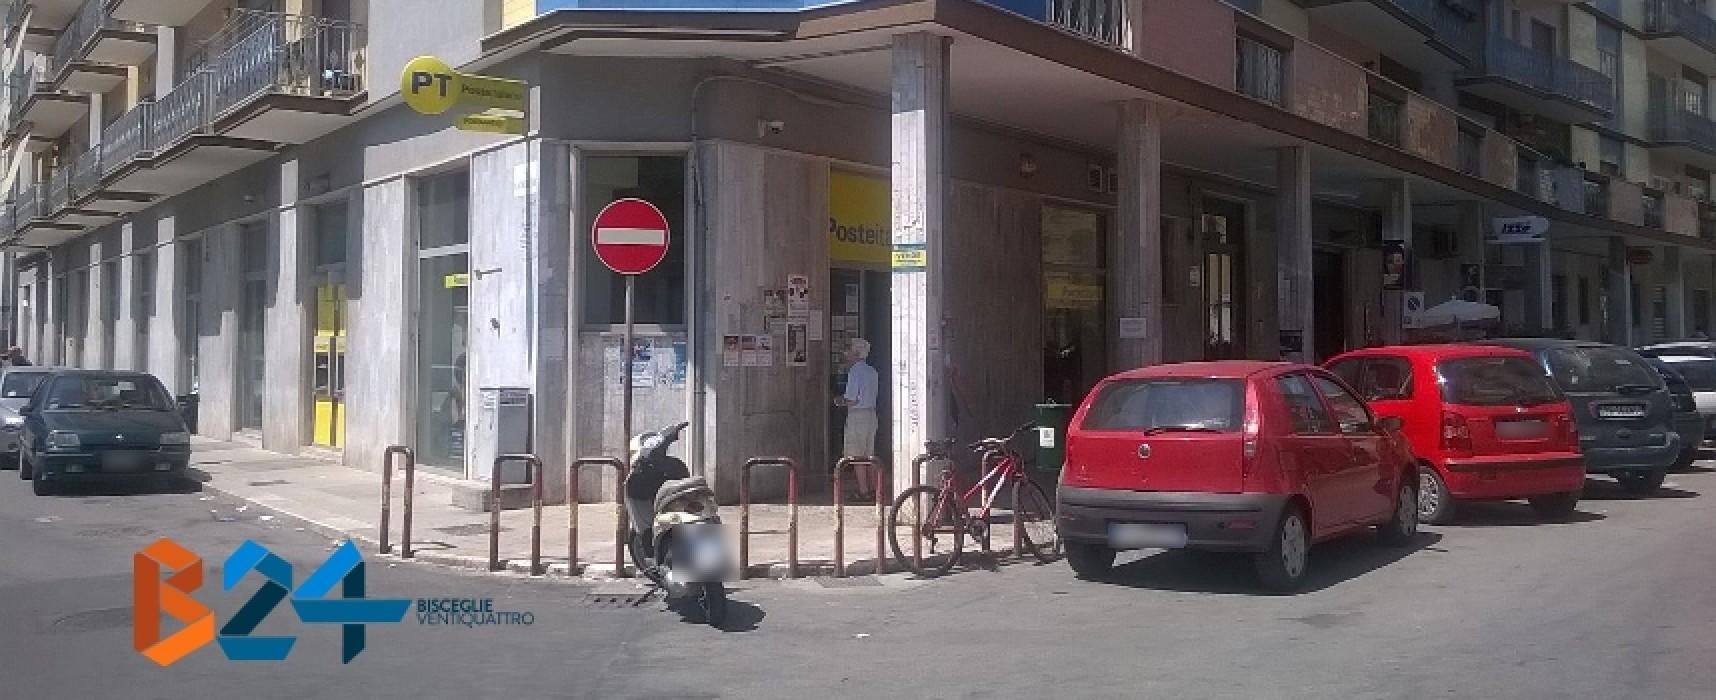 Posta centrale chiusa dal 20 al 24 luglio per lavori di ristrutturazione